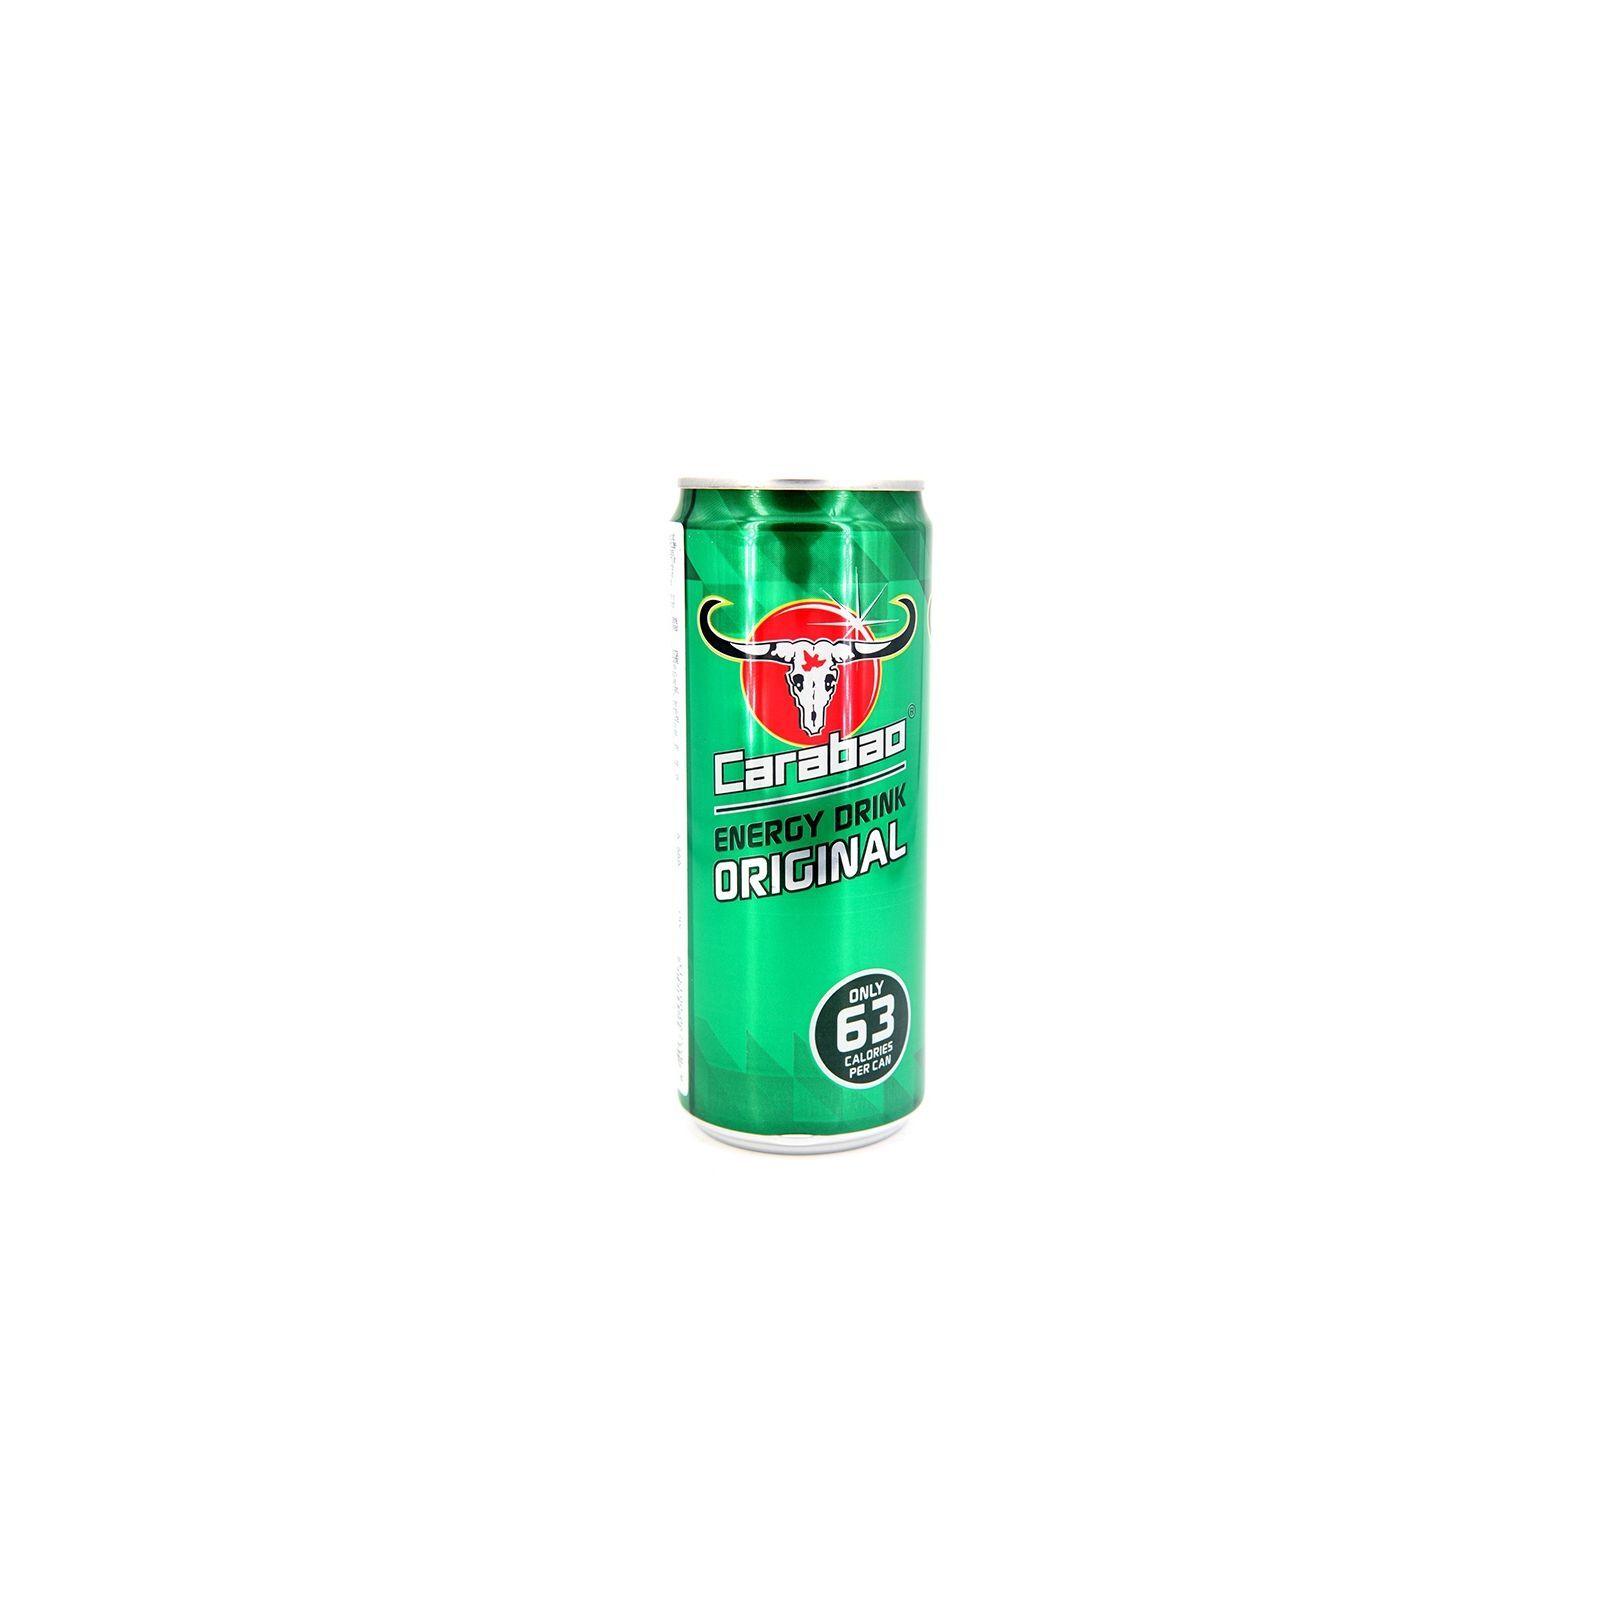 Asia Marché Carabao boisson énergétique 33cl canette